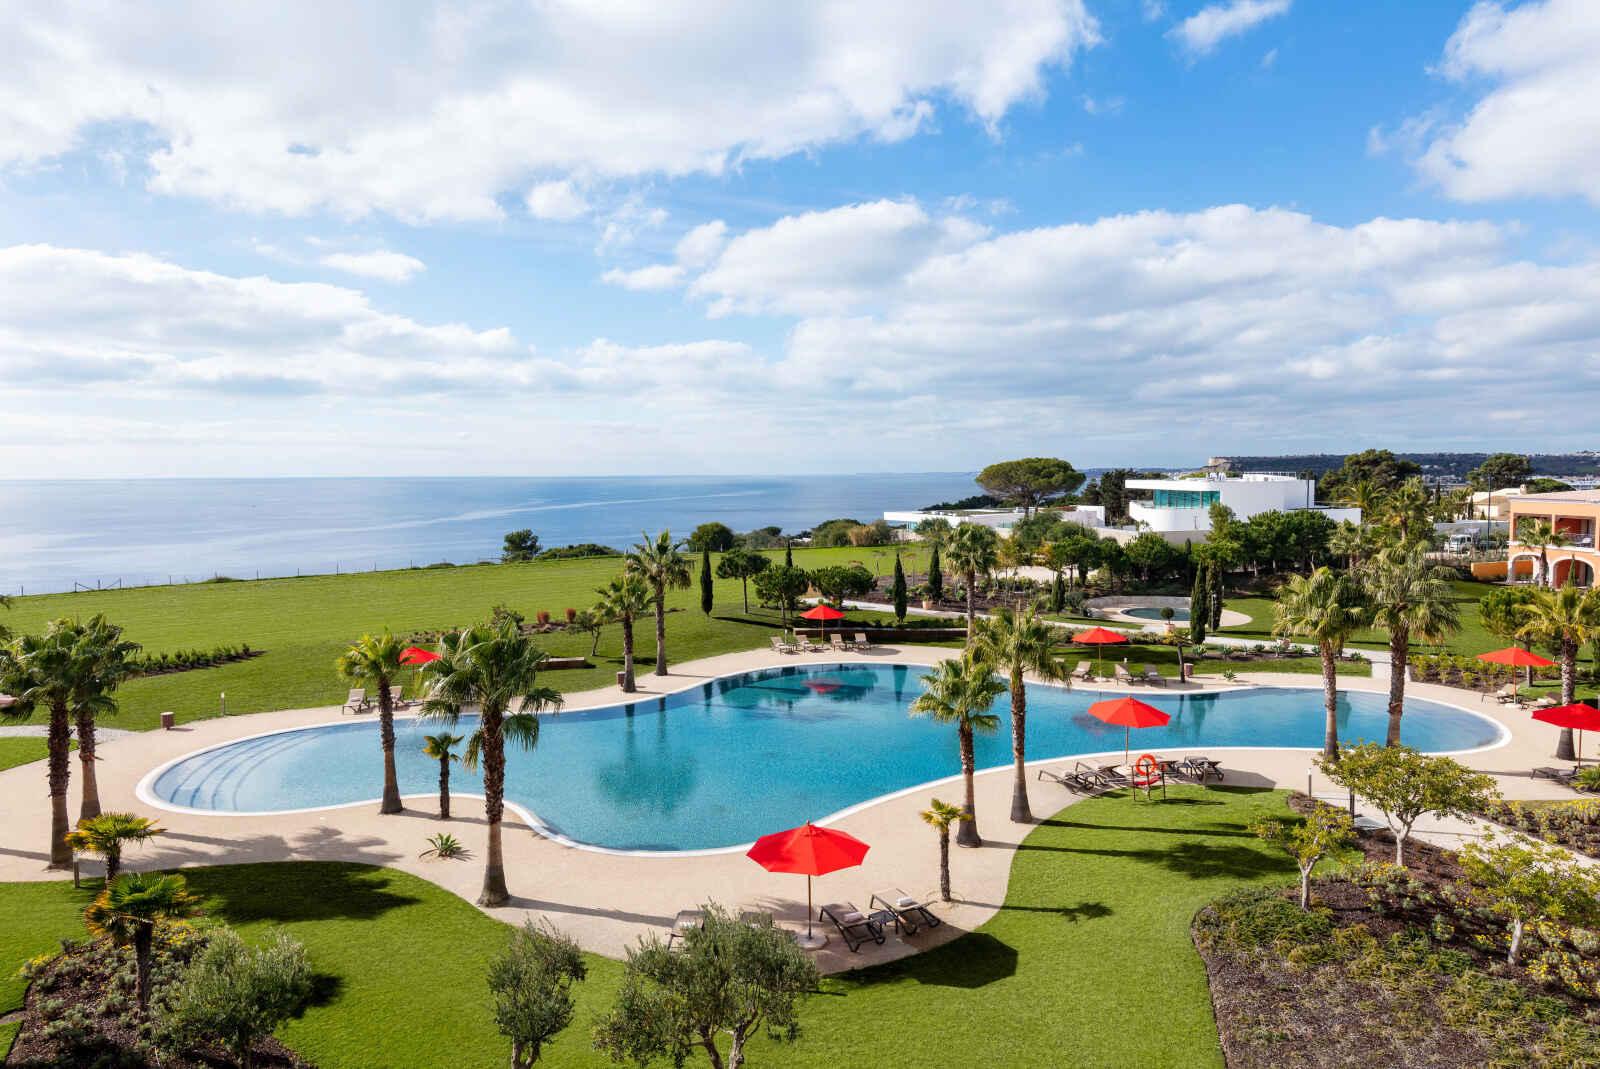 Séjour Algarve - Cascade Wellness Resort - Lagos - 5*